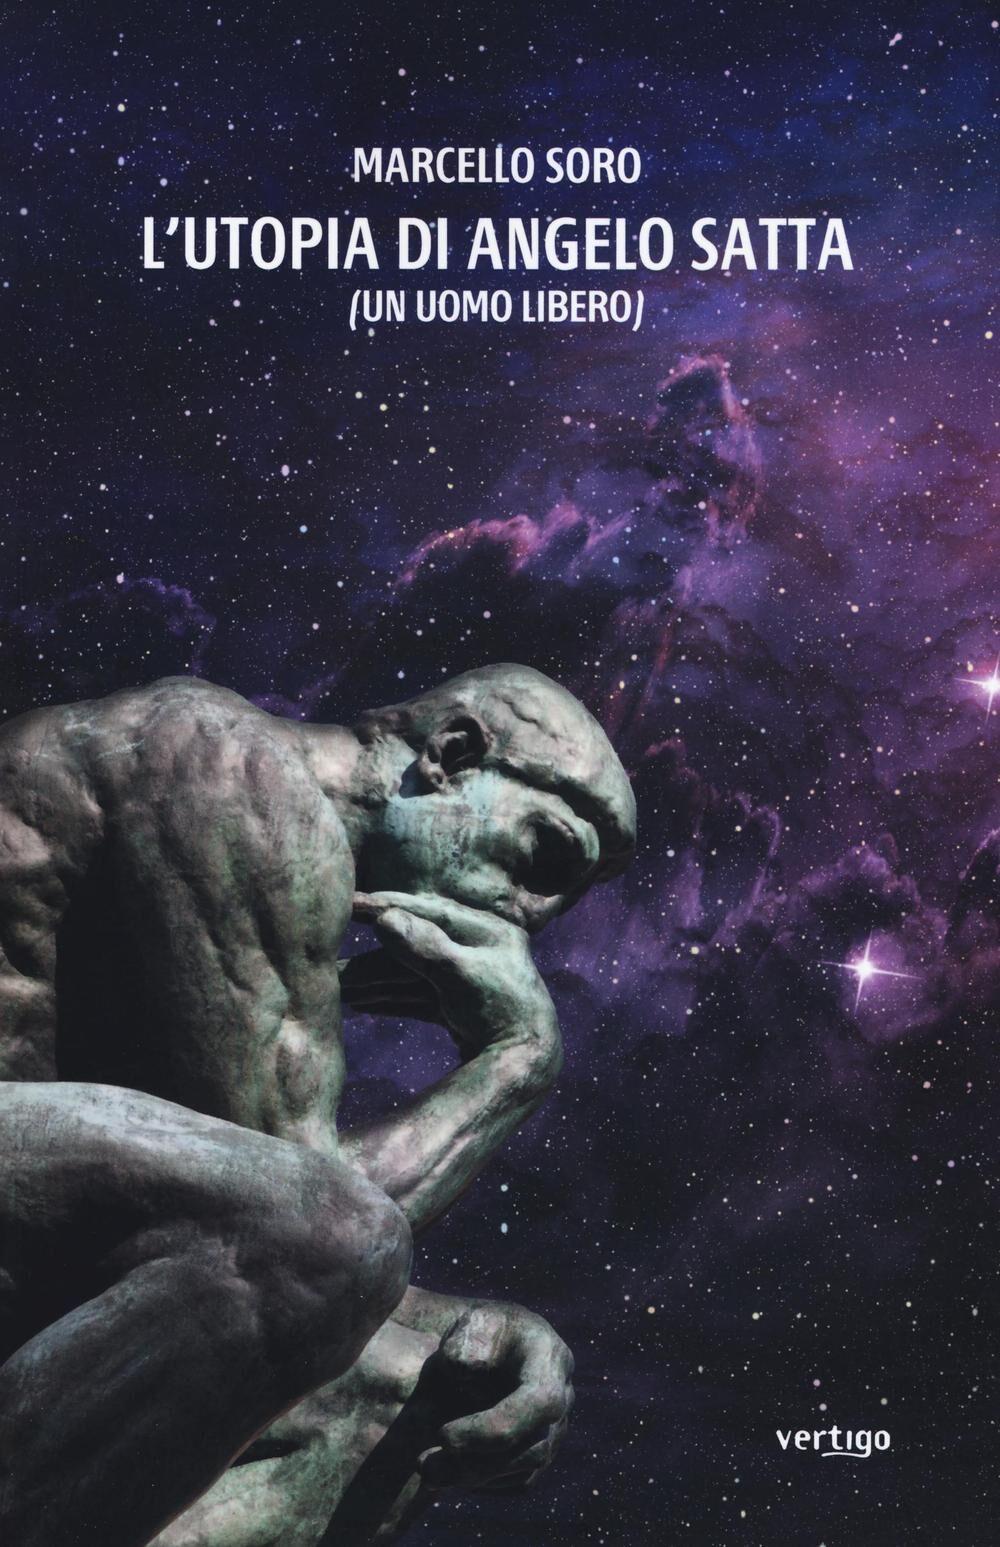 L' utopia di Angelo Satta (un uomo libero)